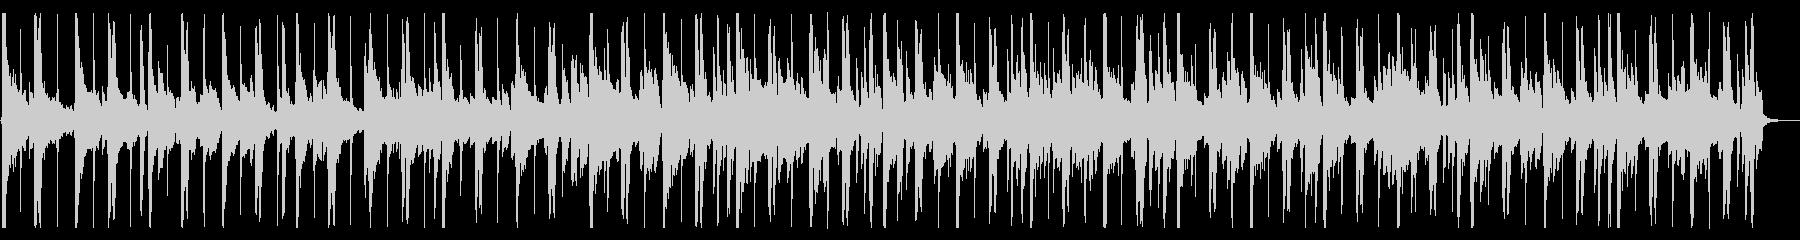 儚げ/R&B_No606_3の未再生の波形